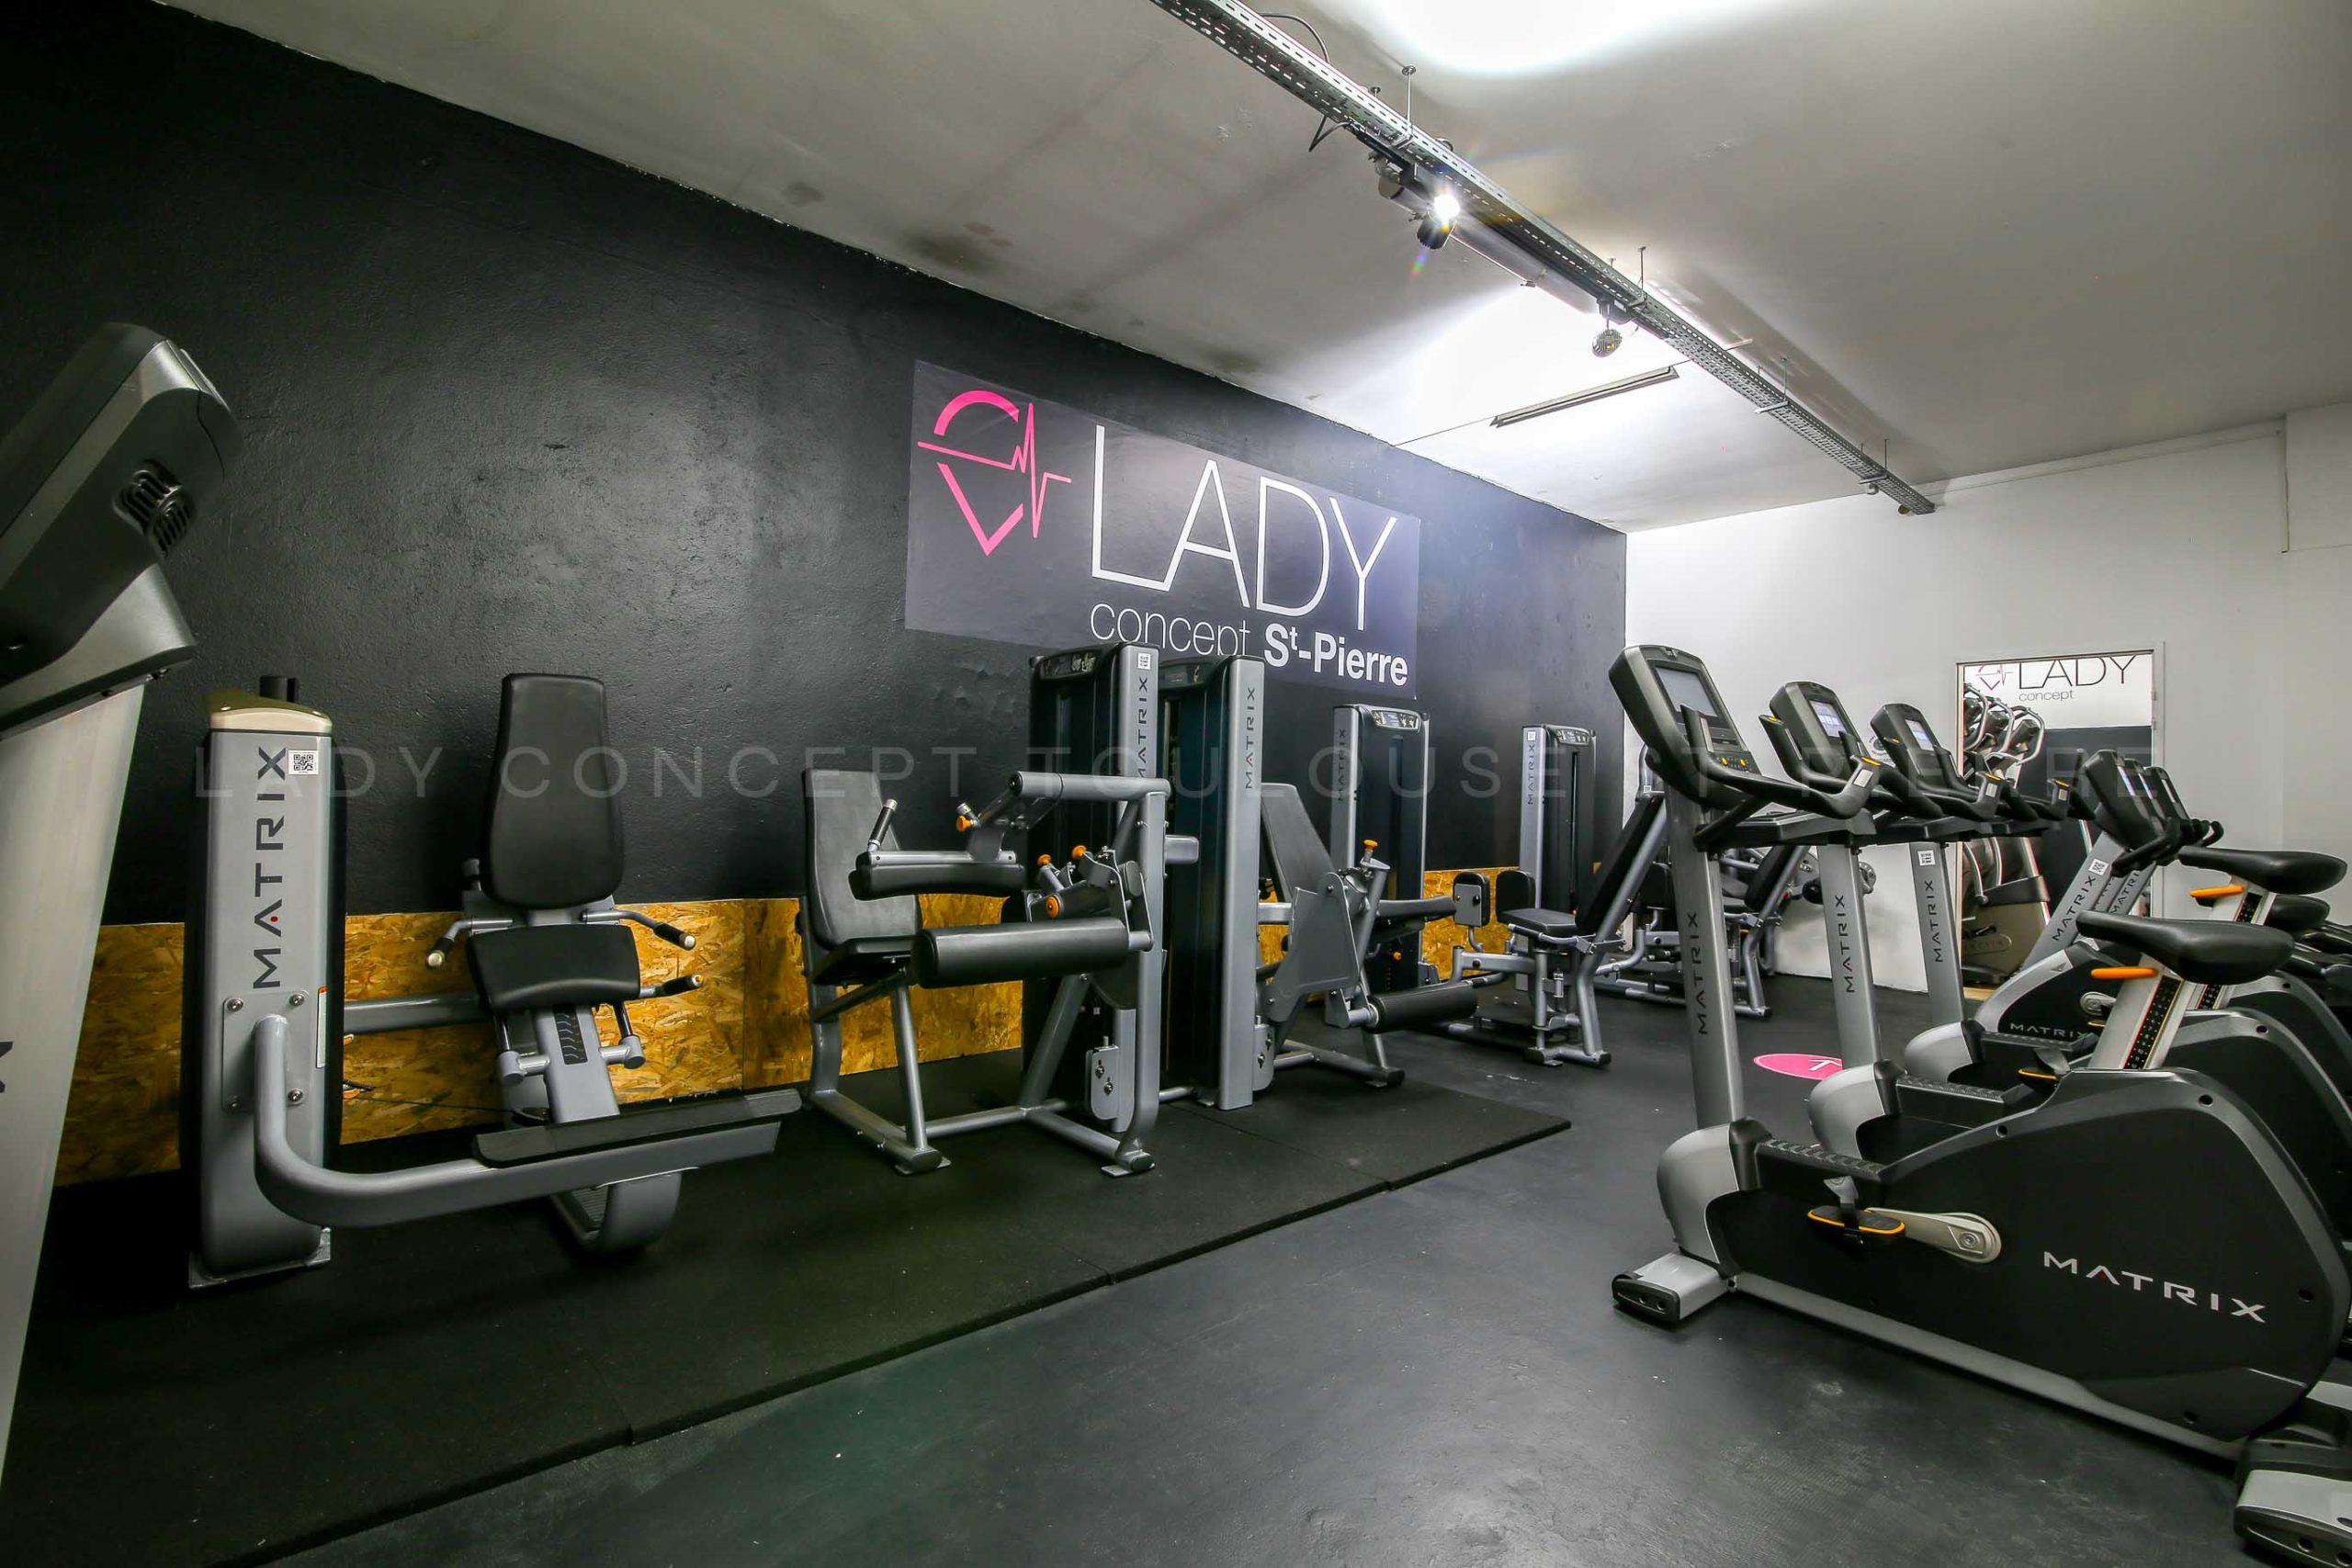 Salle de sport à Toulouse - Lady Concept Saint Pierre